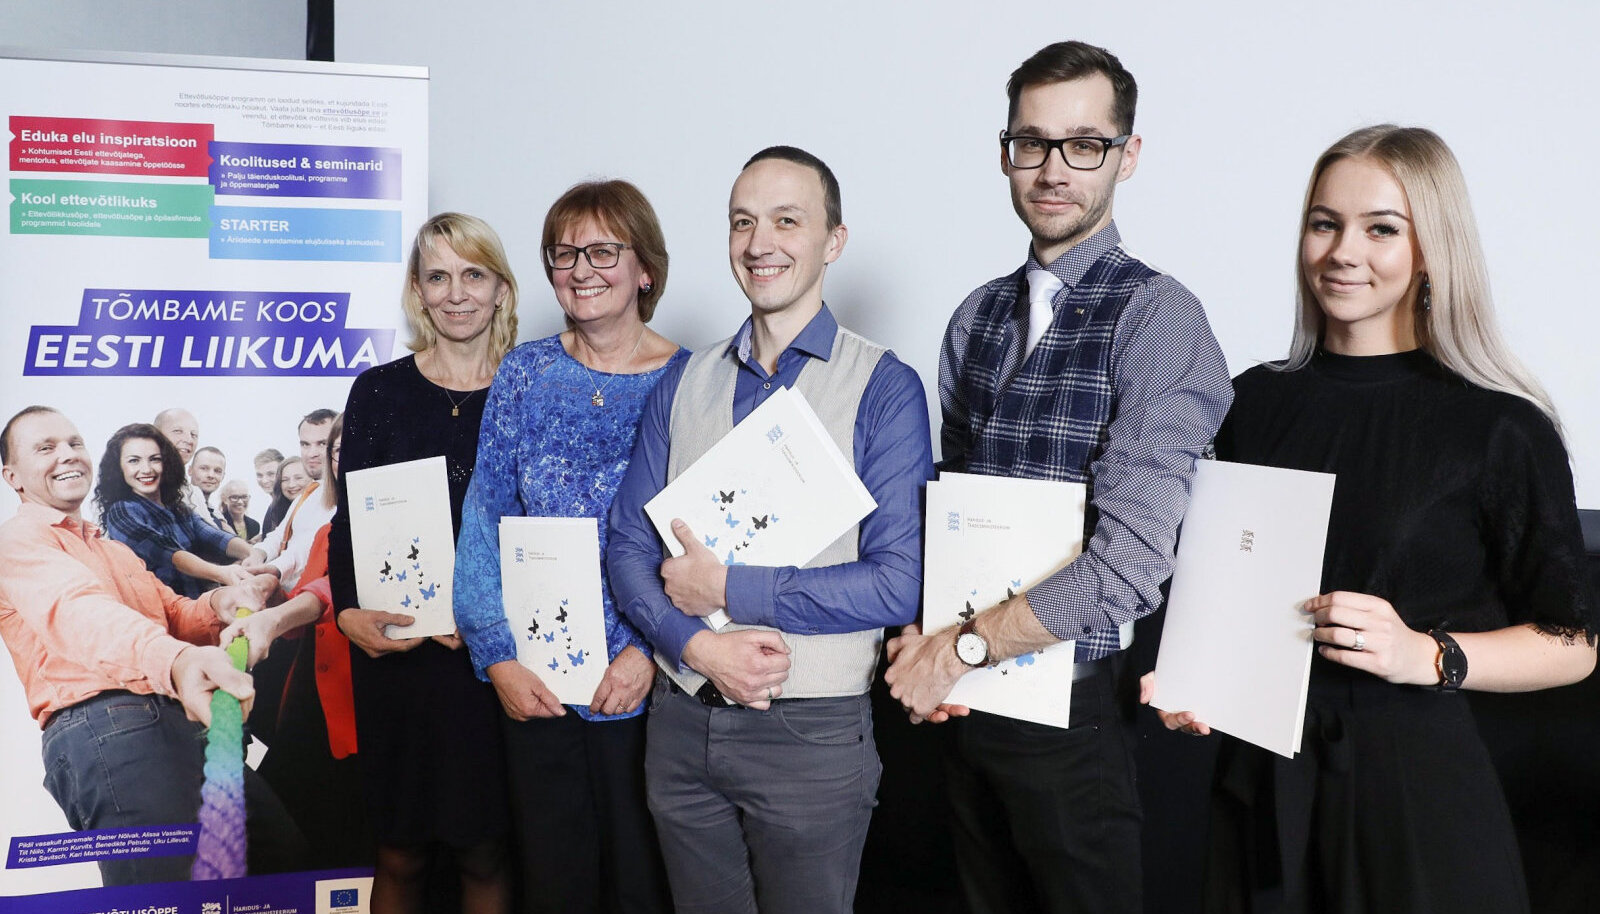 Ettevõtlusõppe programmi aasta tegija Jane Mägi (vasakult) Kuressaare ametikoolist, Elbe Metsatalu, Põlva gümnaasiumi direktor Alo Savi, Ander Hindremäe ja Merilin Priilinn-Türk tänasel tänuüritusel.